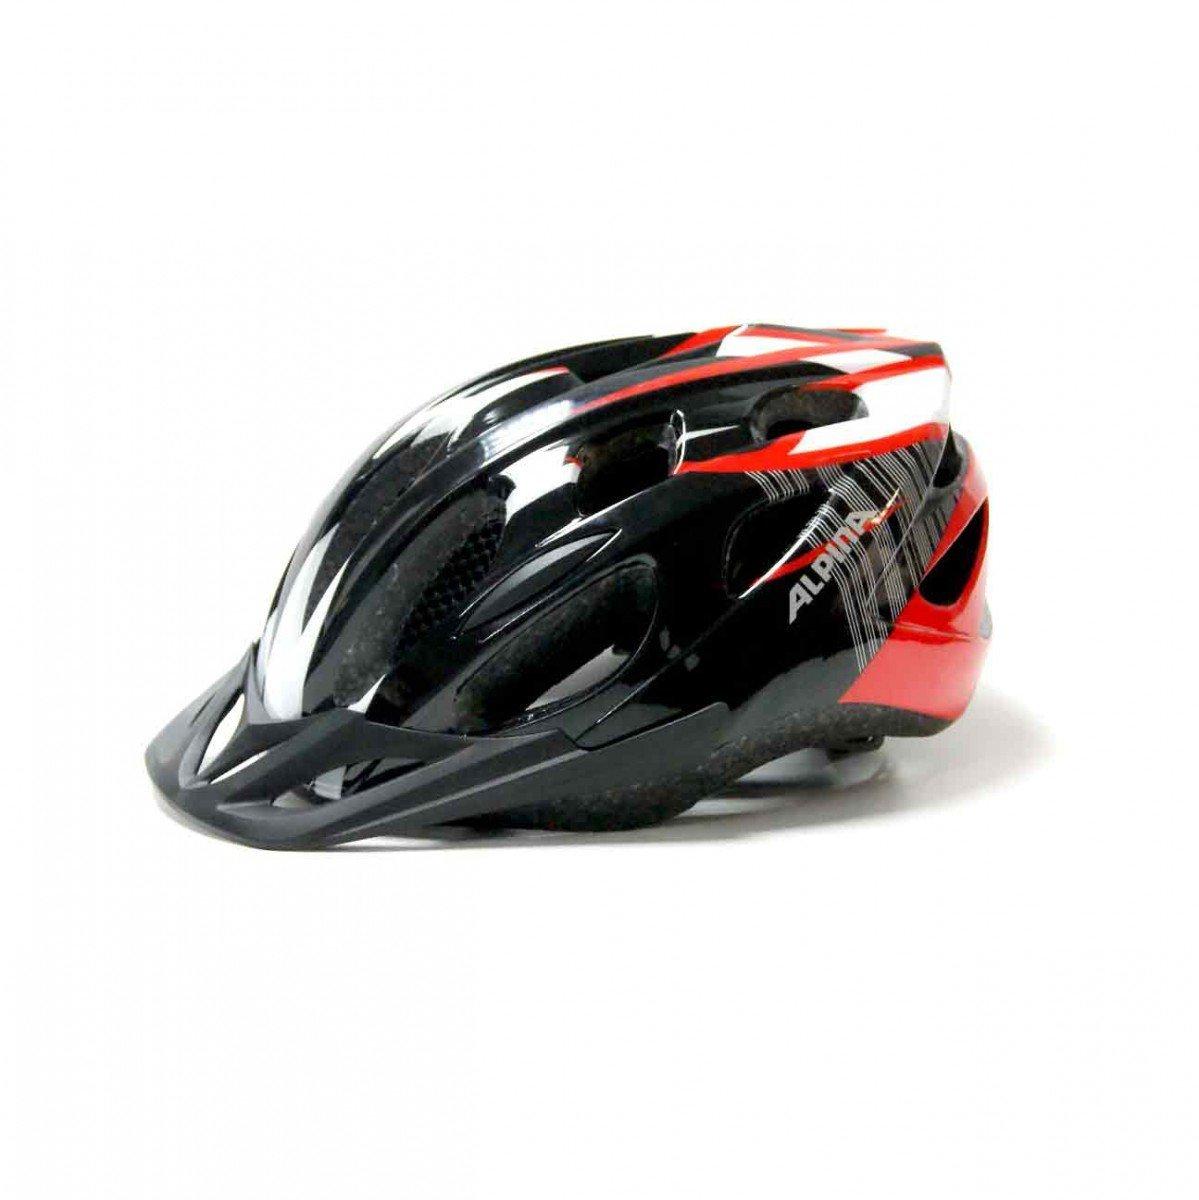 Купить Летний шлем Alpina SMU MTB 14 black-red-white, Шлемы велосипедные, 1180257